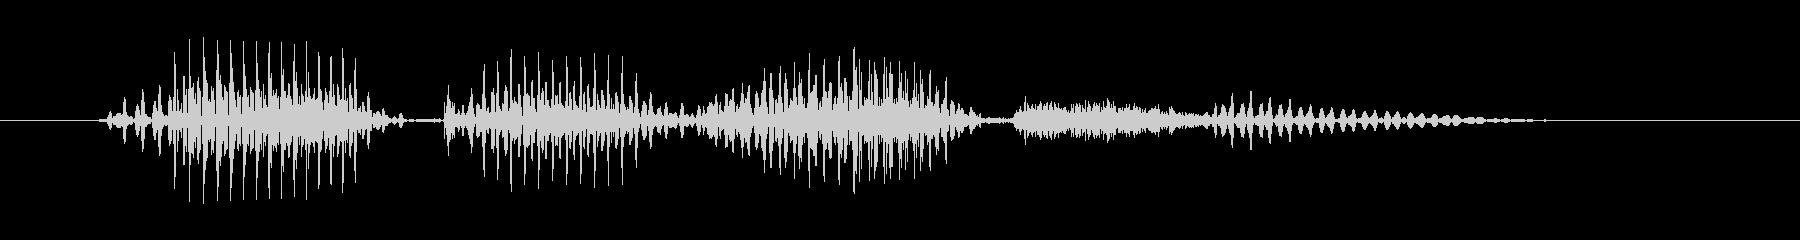 マイケルジャクソンの未再生の波形